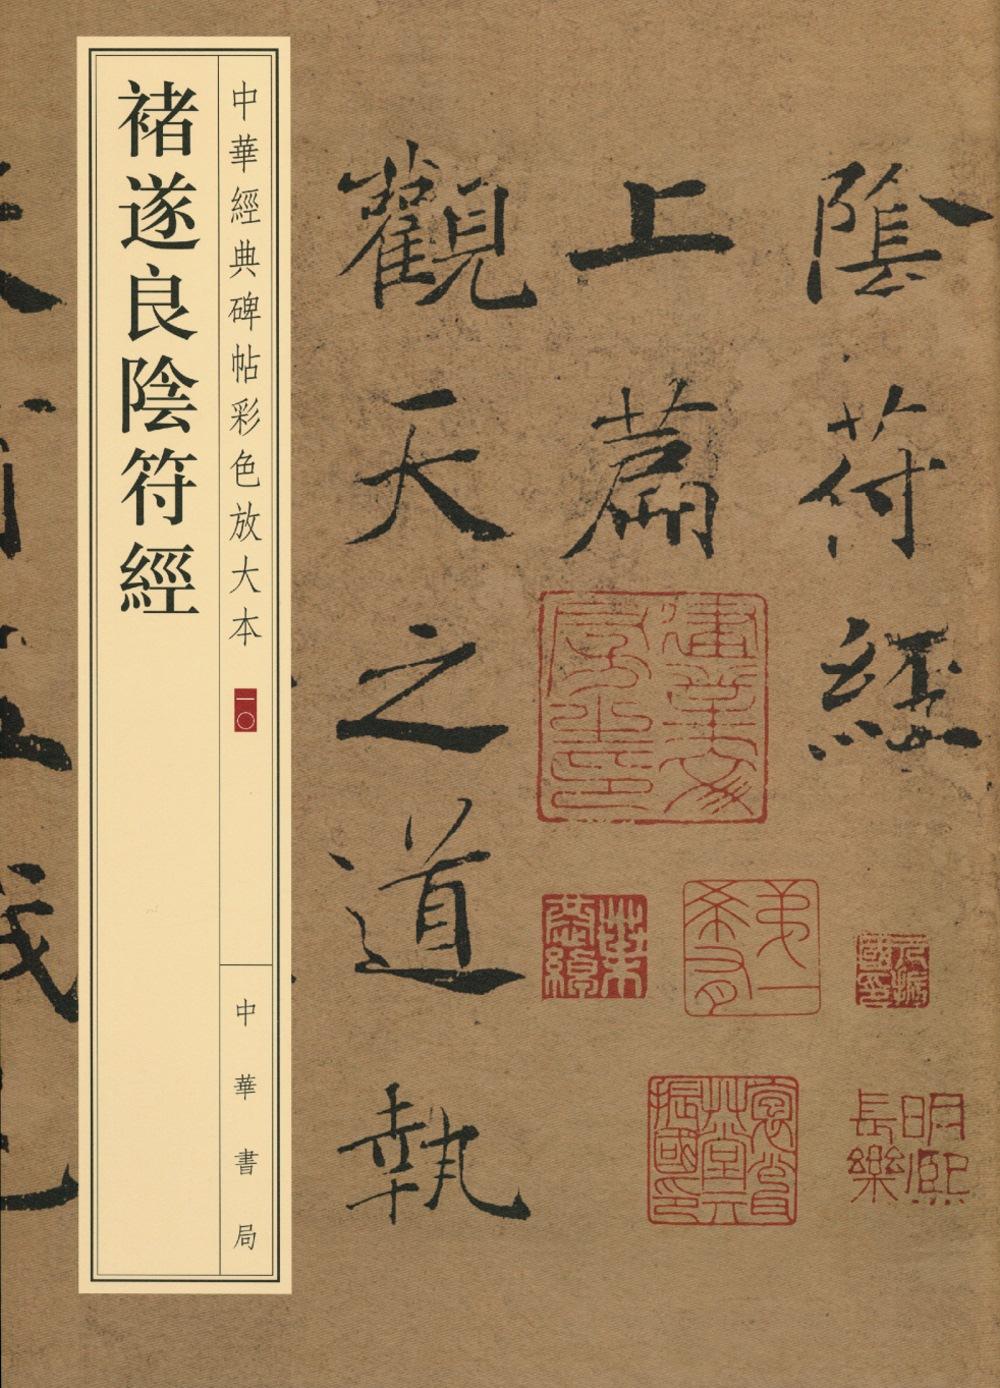 中華經典碑帖彩色放大本:褚遂良陰符經